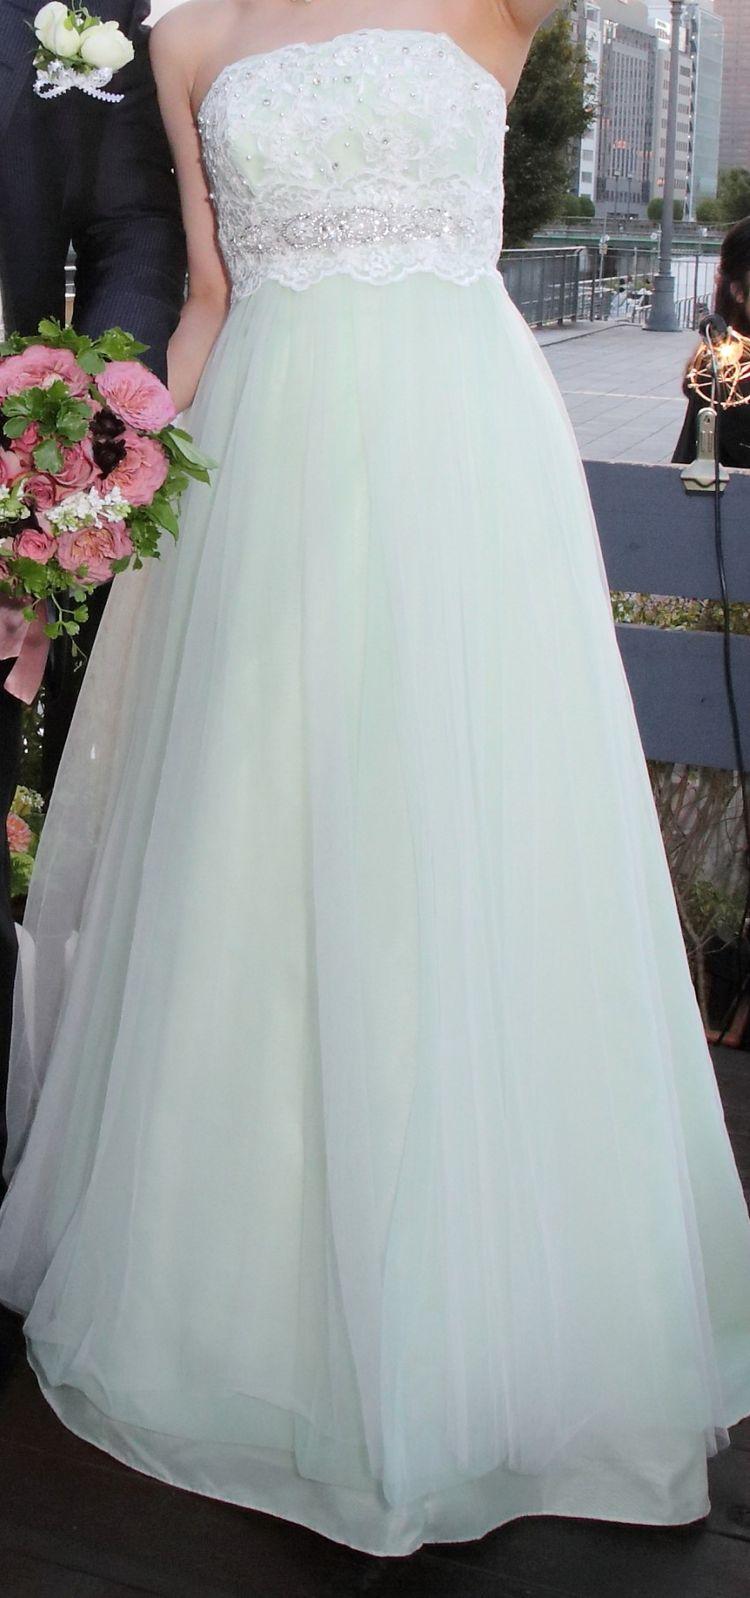 軽やかなドレス